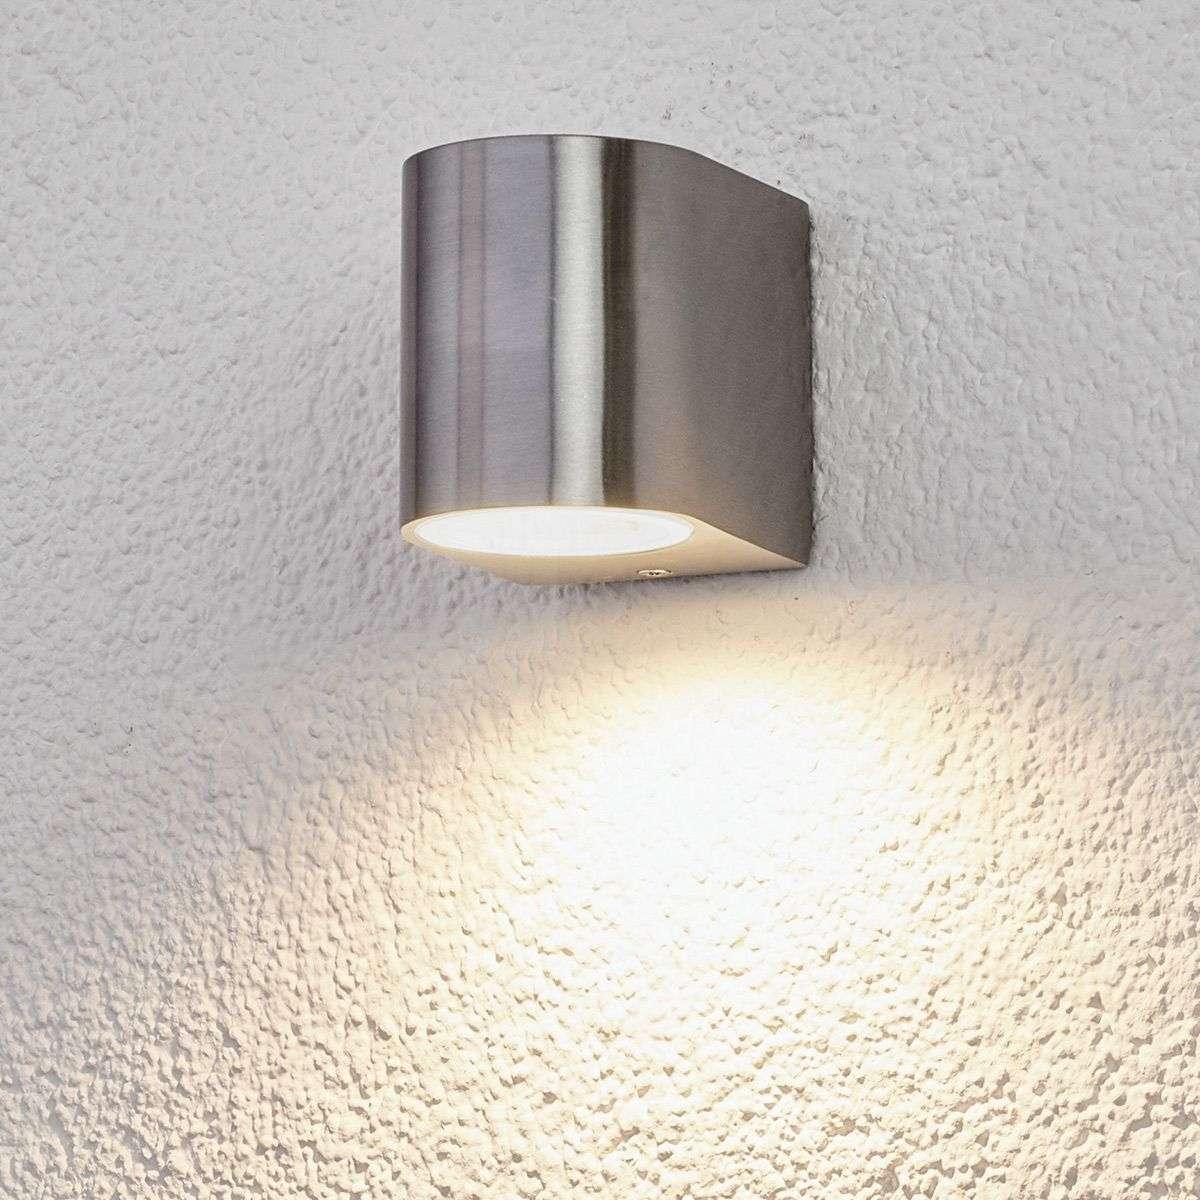 Aluminium outdoor wall light idris lights aluminium outdoor wall light idris 9977005 31 aloadofball Images